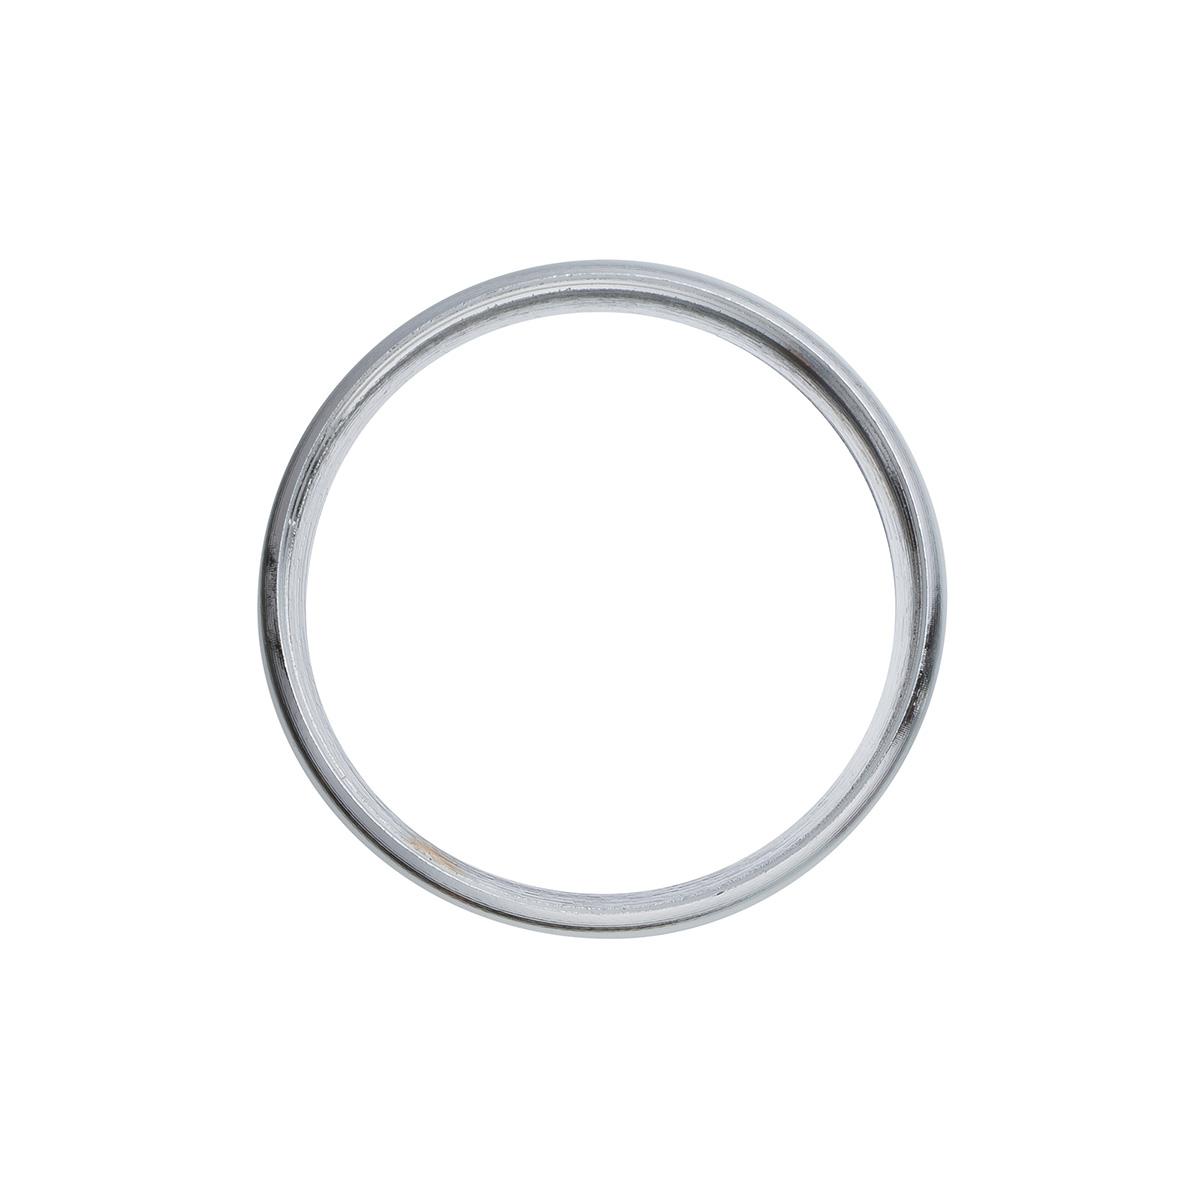 対応シリーズ:535 / 526 ERKAパーツ:金属リング(小児用) 000.52600.5540